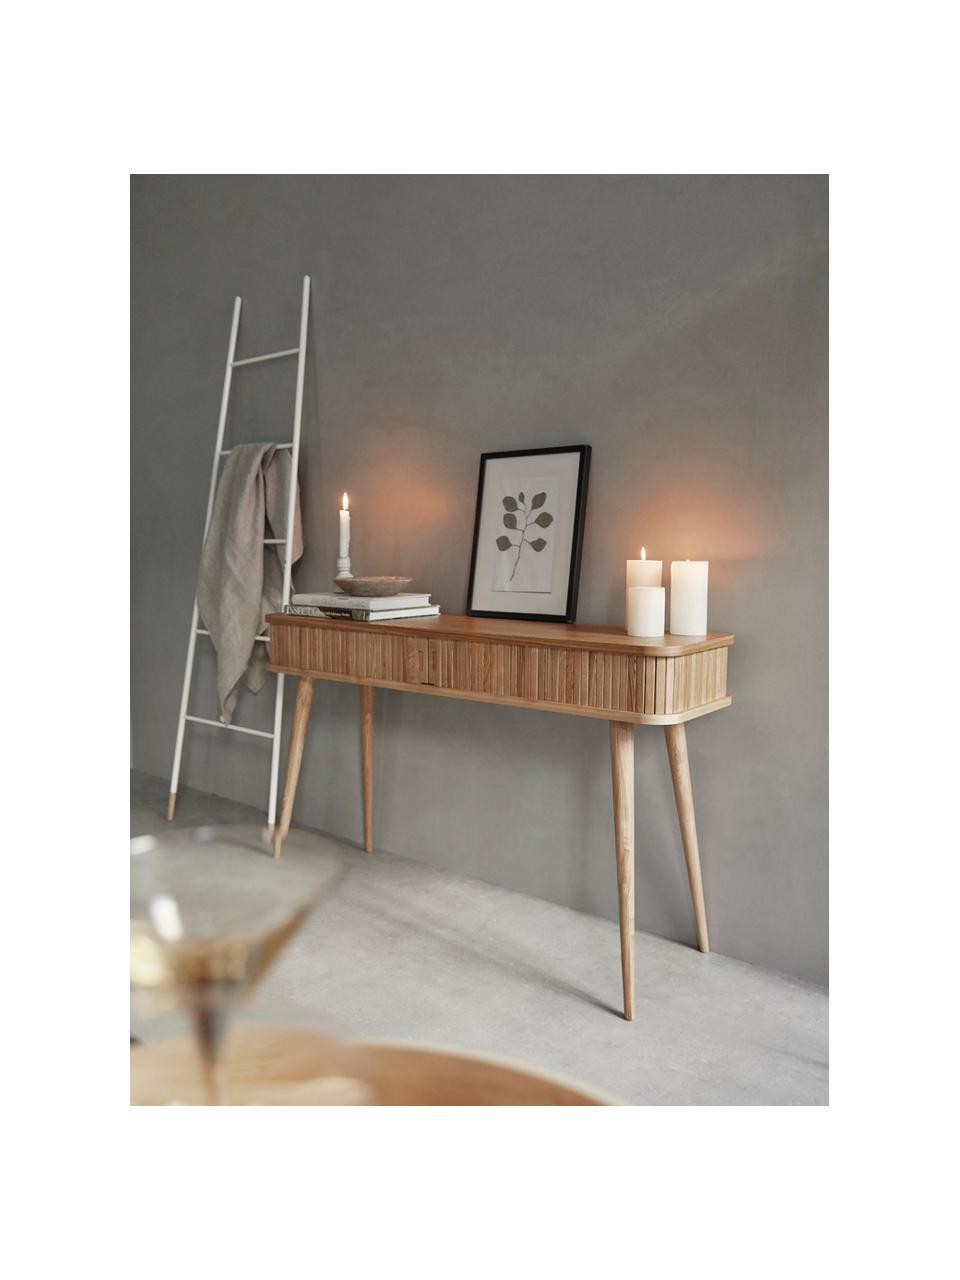 Dřevěný konzolový stolek s úložným prostorem Barbier, Korpus: hnědá Posuvná dvířka anohy: jasan